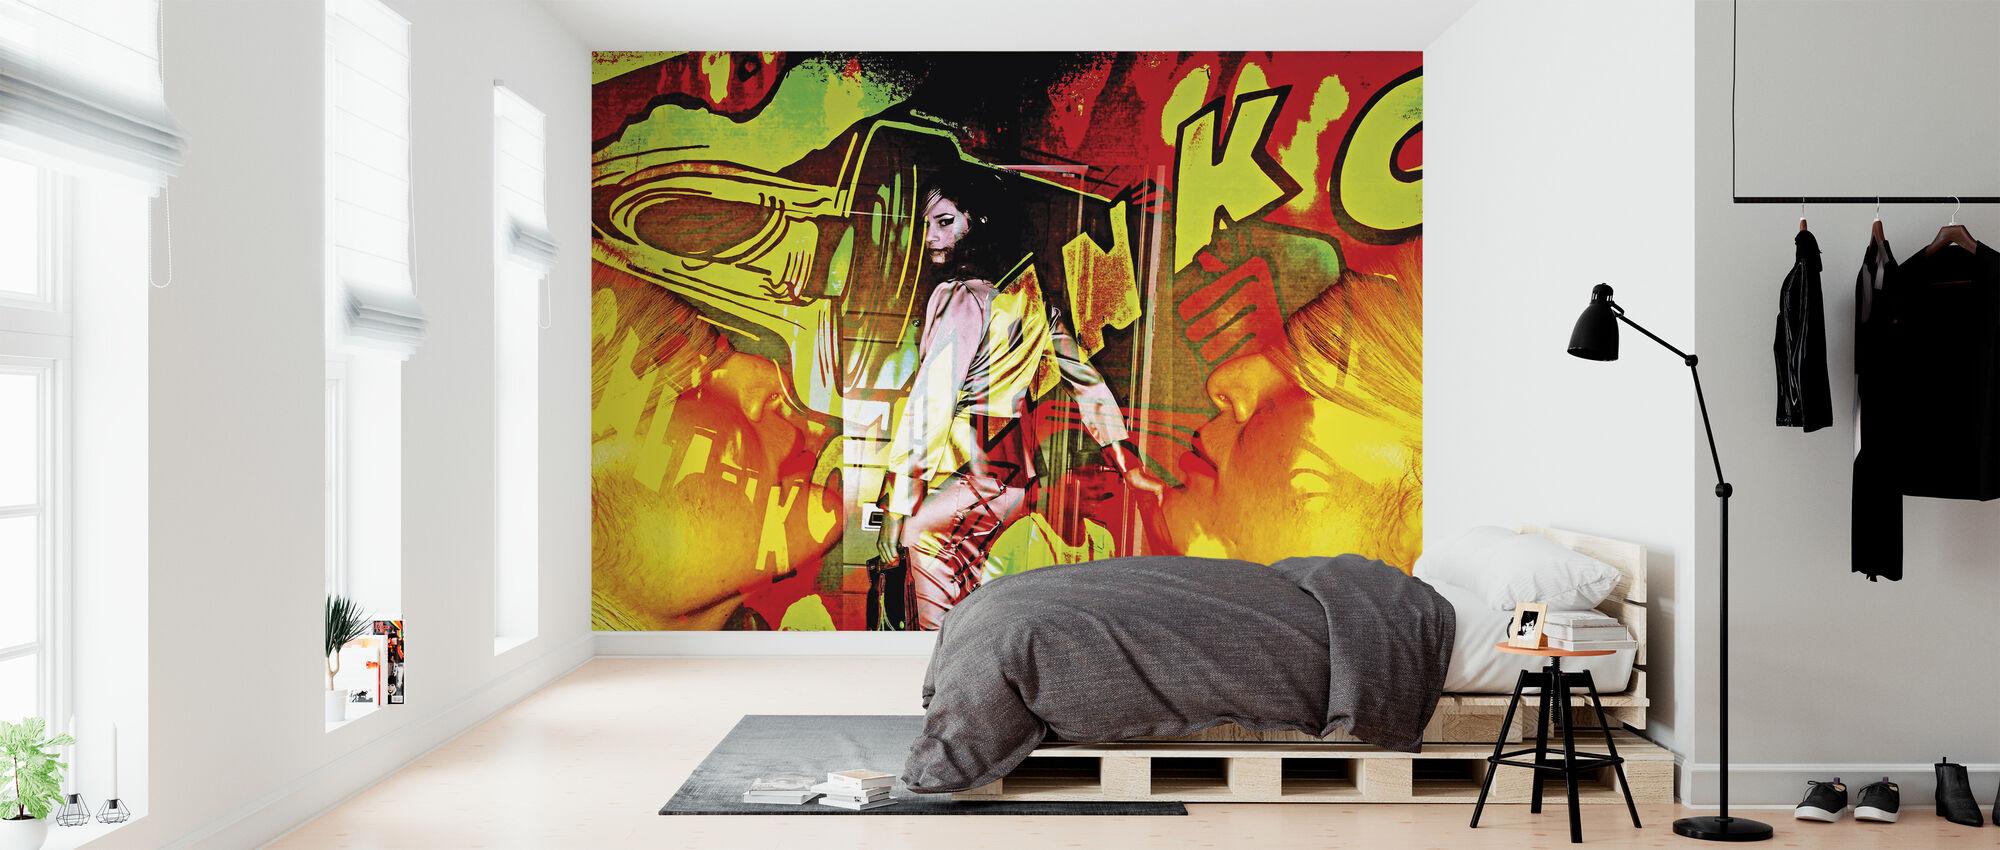 Graffitti Wall - Tapet - Soveværelse